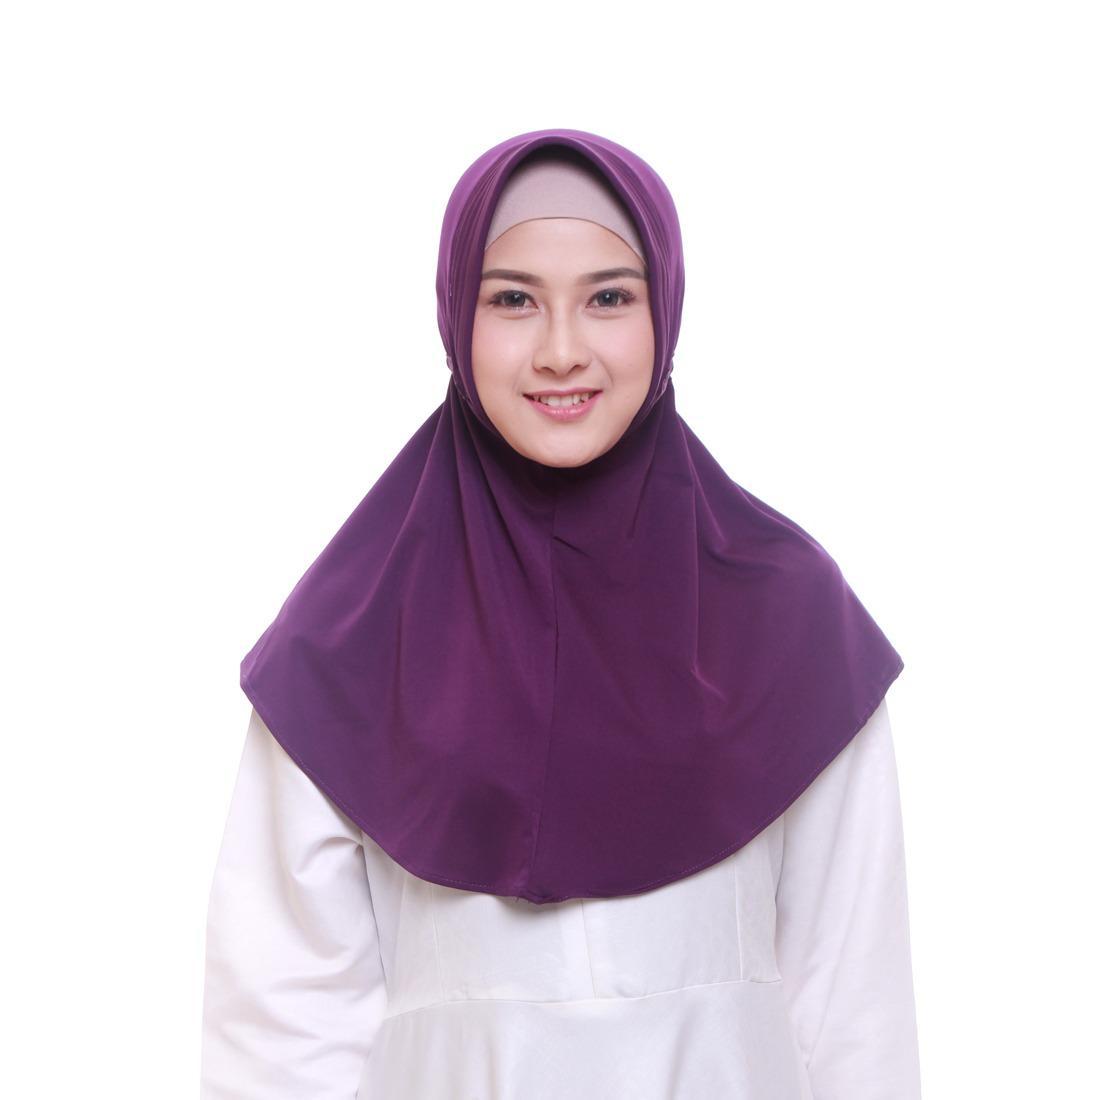 Kelebihan Promo Adibah Serut Jokowi Best Seller 1kg Muat 10 Pcs Jilbab Adiba Instan Terbaru